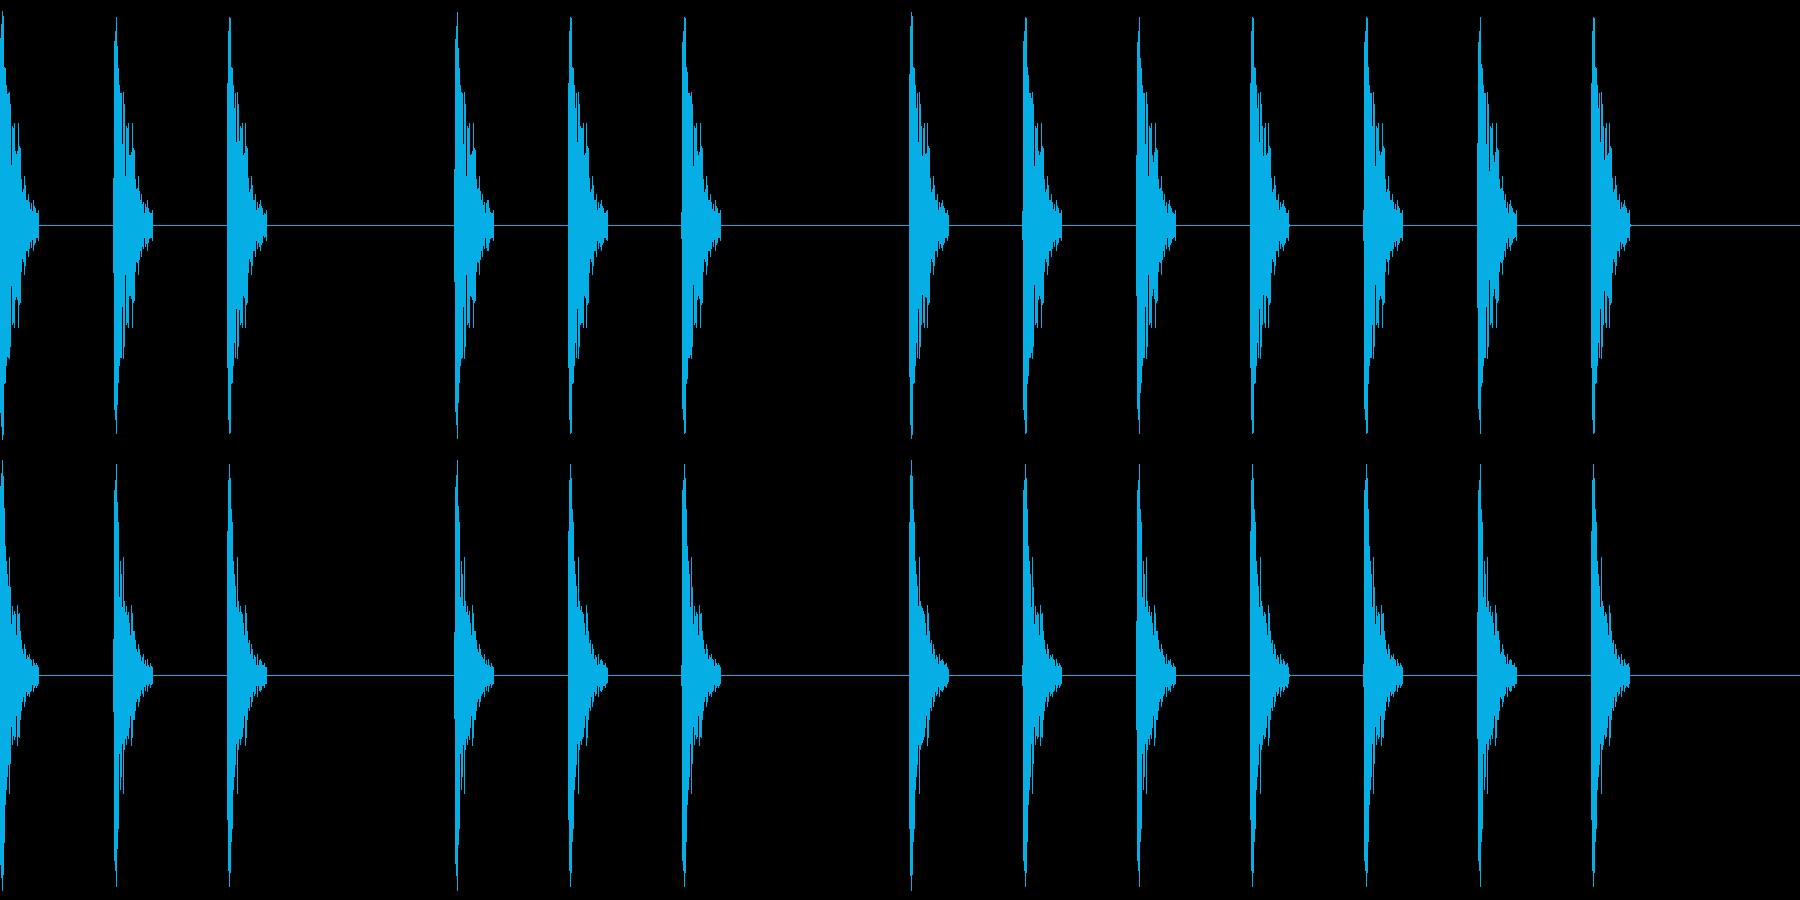 三三七拍子(一人で手拍子)の再生済みの波形